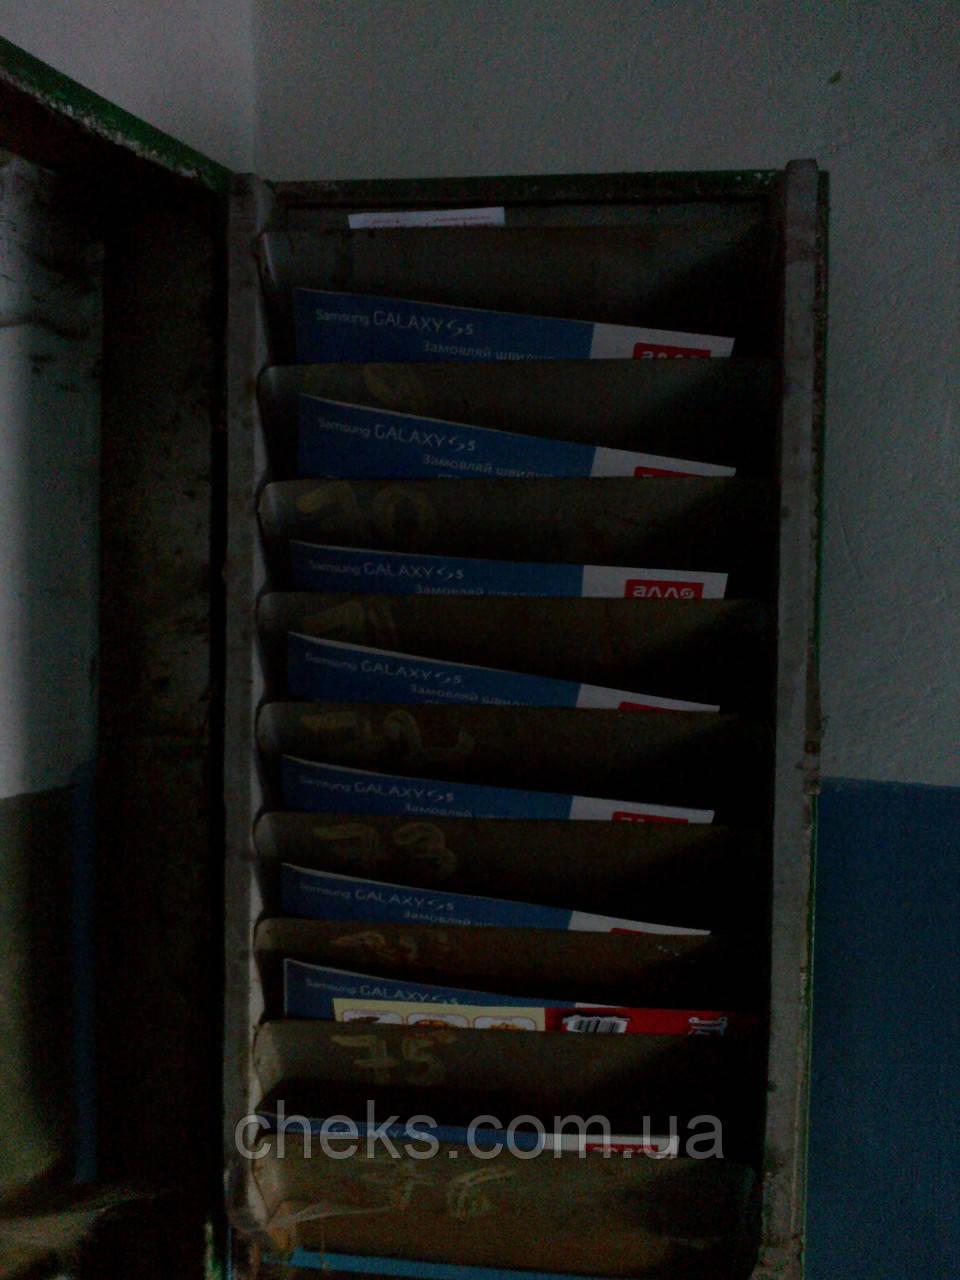 Разноска рекламы по почтовым ящикам в Днепропетровске. Цена от 15 коп/шт!